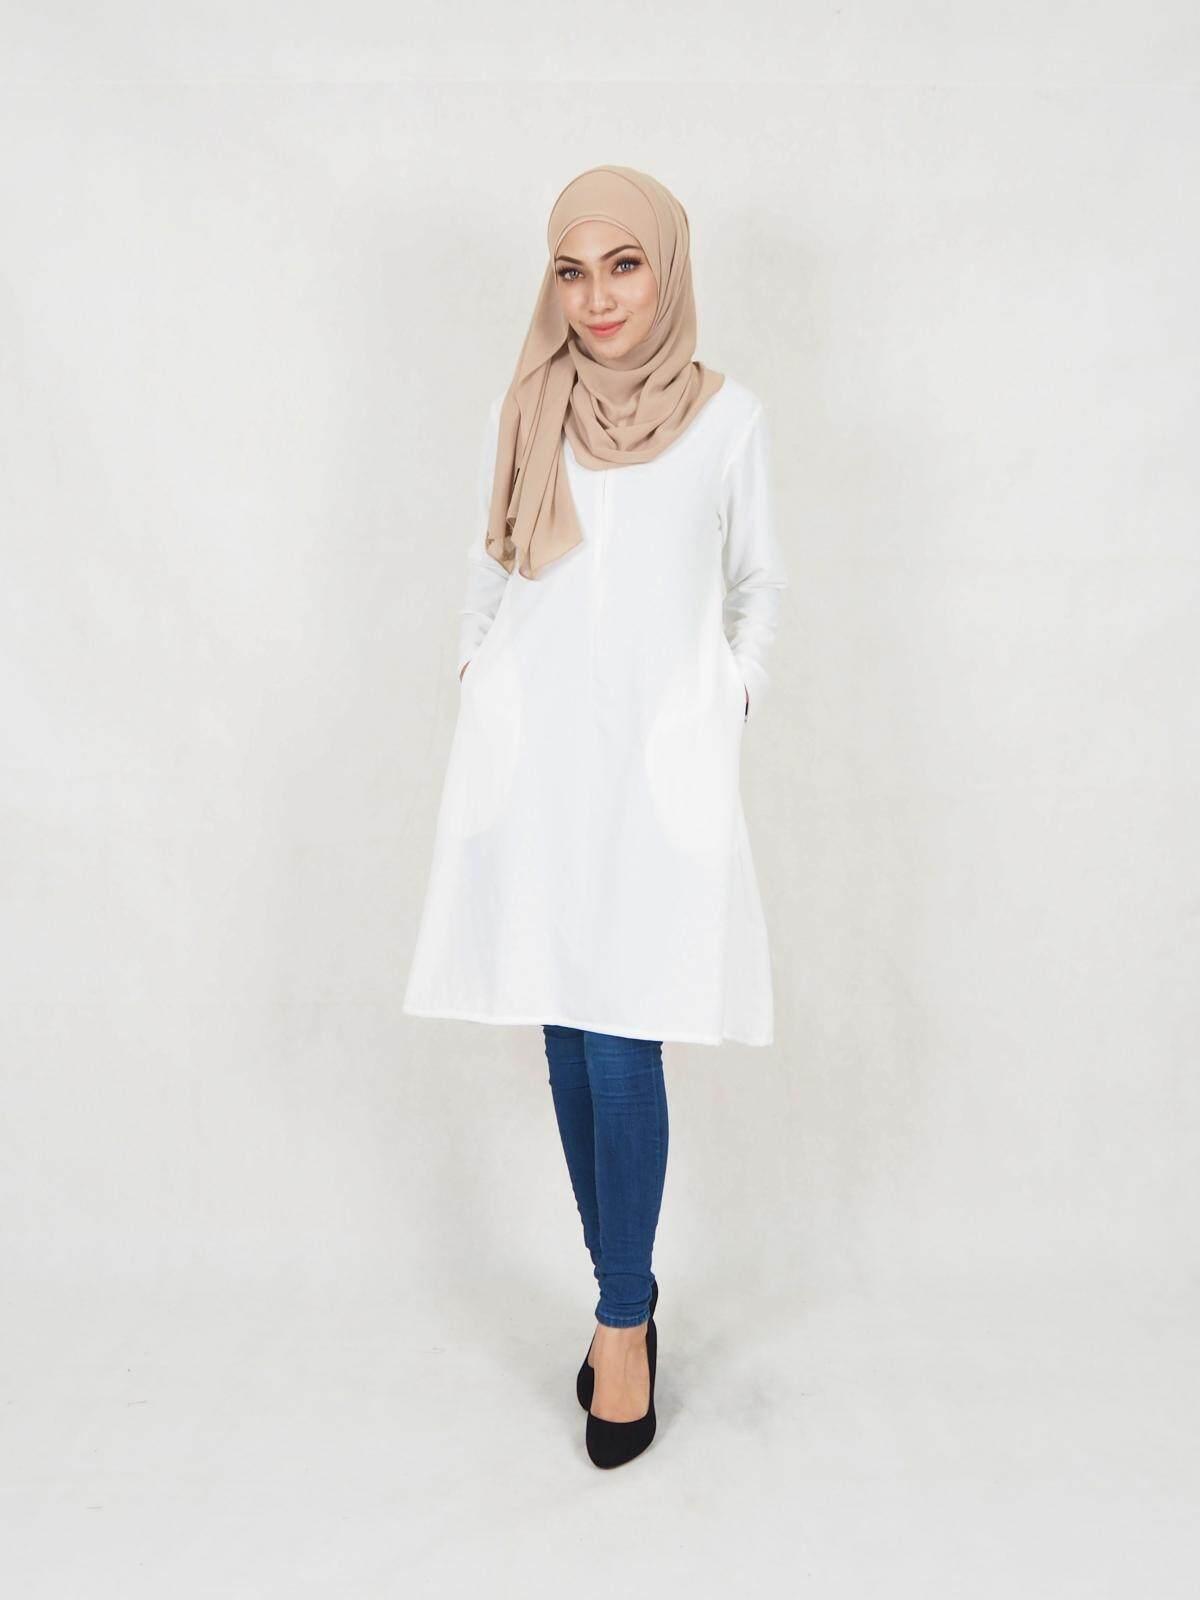 Fadilah Modern Blouse / Muslim Women Blouse / Muslimah Fashion Blouse (S-XL) / Long Blouse / Baju Long / Stylish Long Blouse / Modern Blouse Front Zip Sleeve Zip side Poket / Murah / Ship from Malaysia / Hot Product / Ready Stock